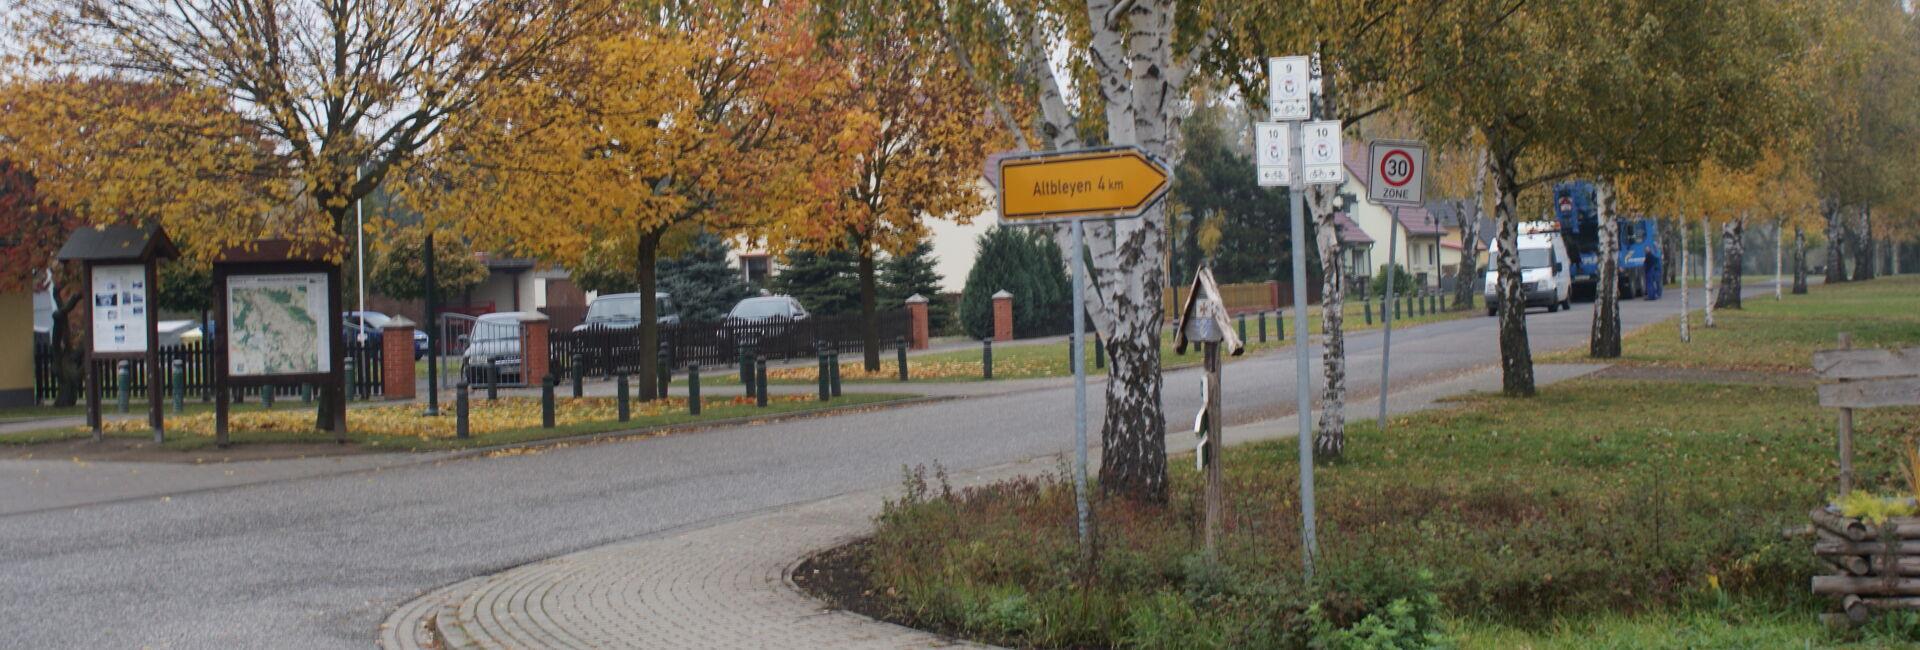 Die Ortslage in Gorgast